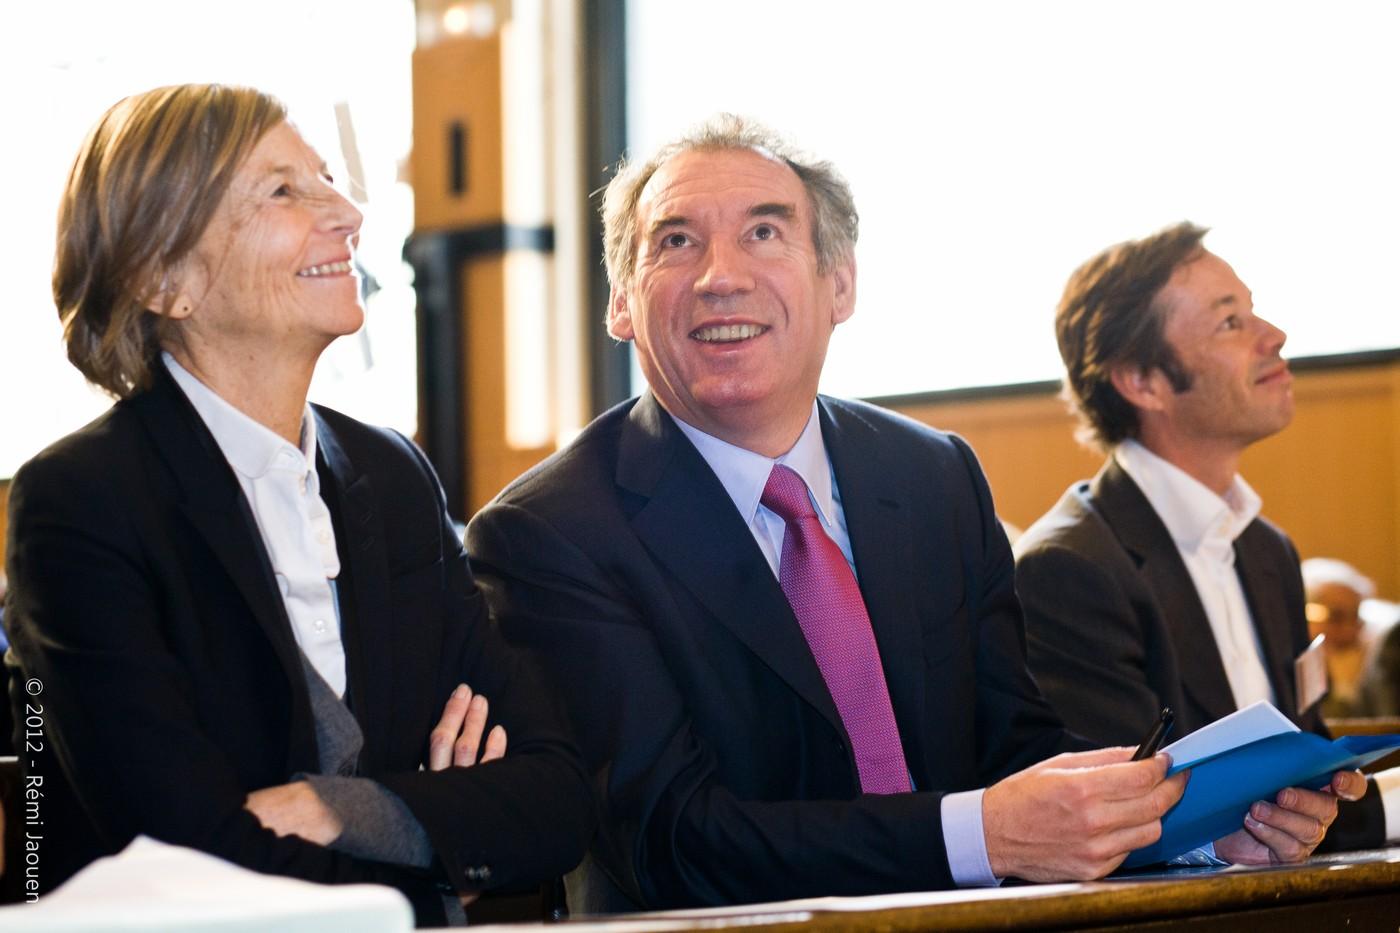 François Bayrou Etats Généraux de l'Europe Rémi Jaouen Reportage photo Politique Corporate